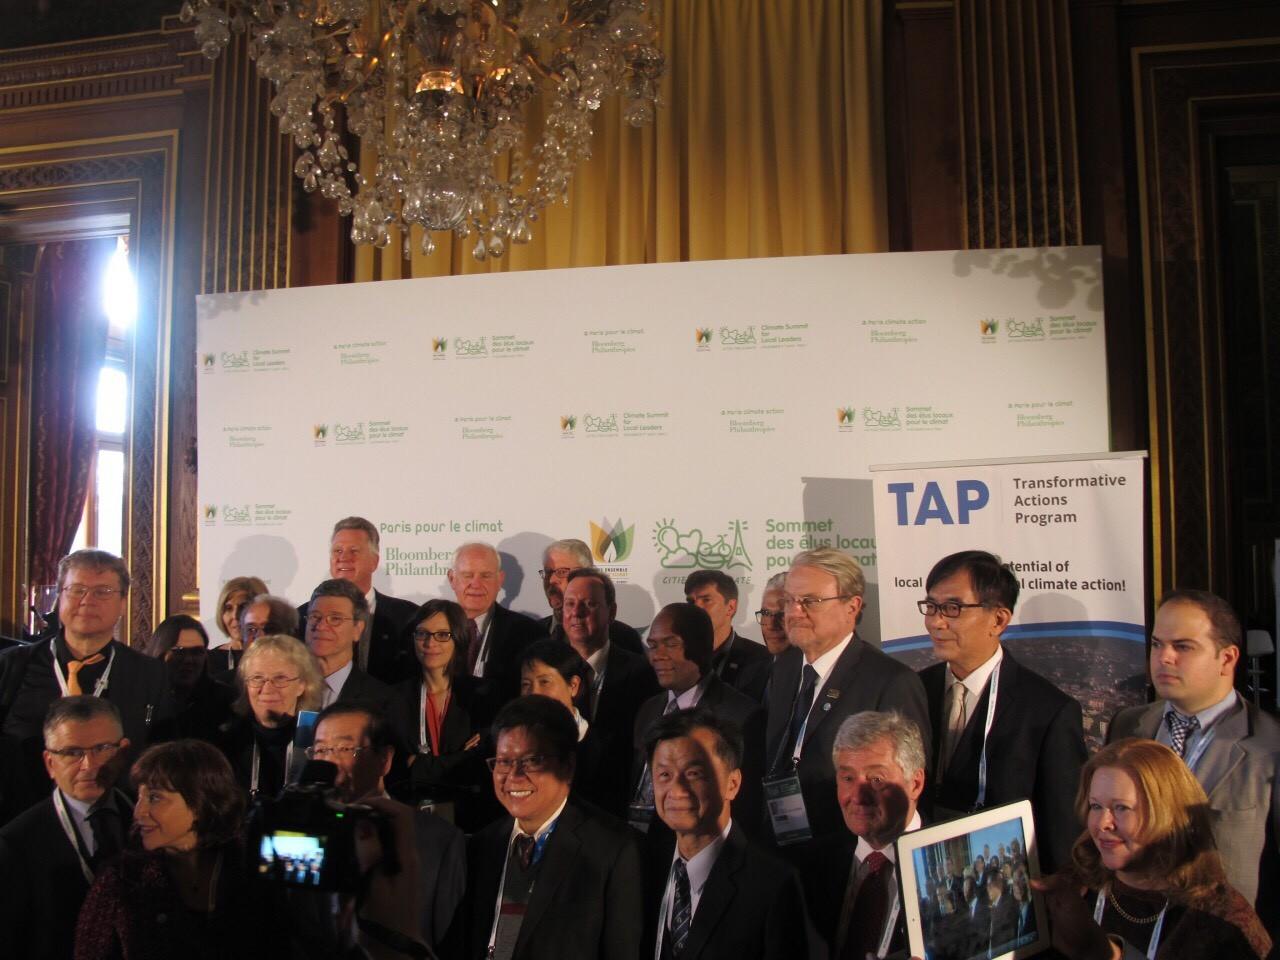 高雄巿參與首長氣候高峰會暨體驗綠色運輸